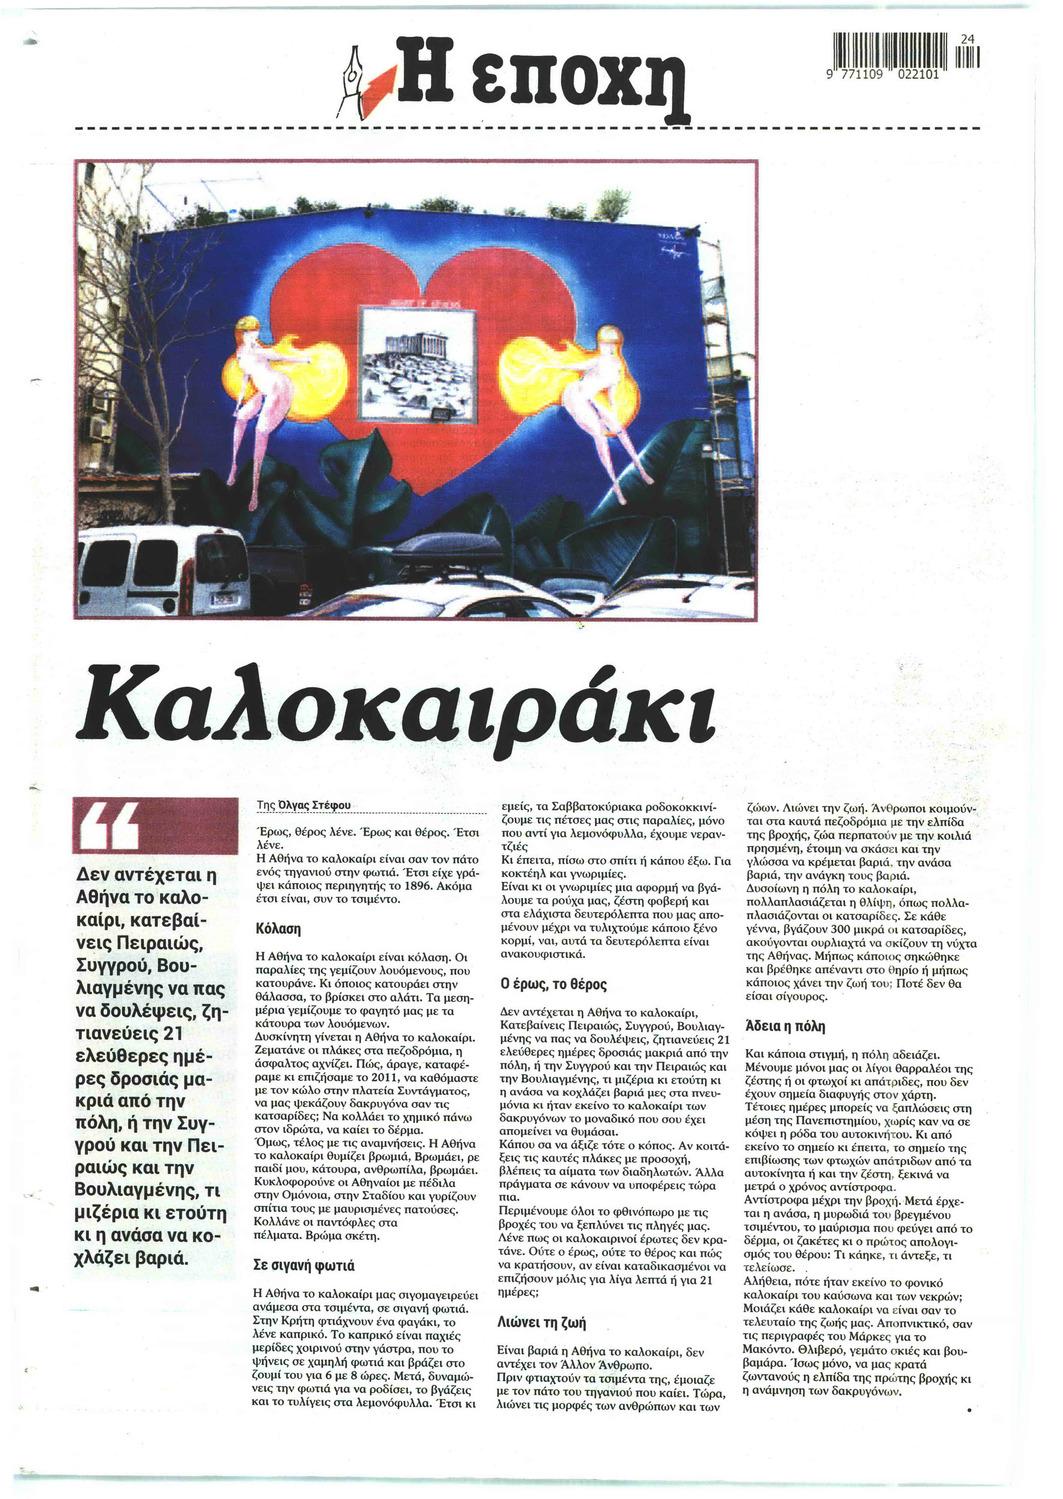 Οπισθόφυλλο εφημερίδας Εποχή